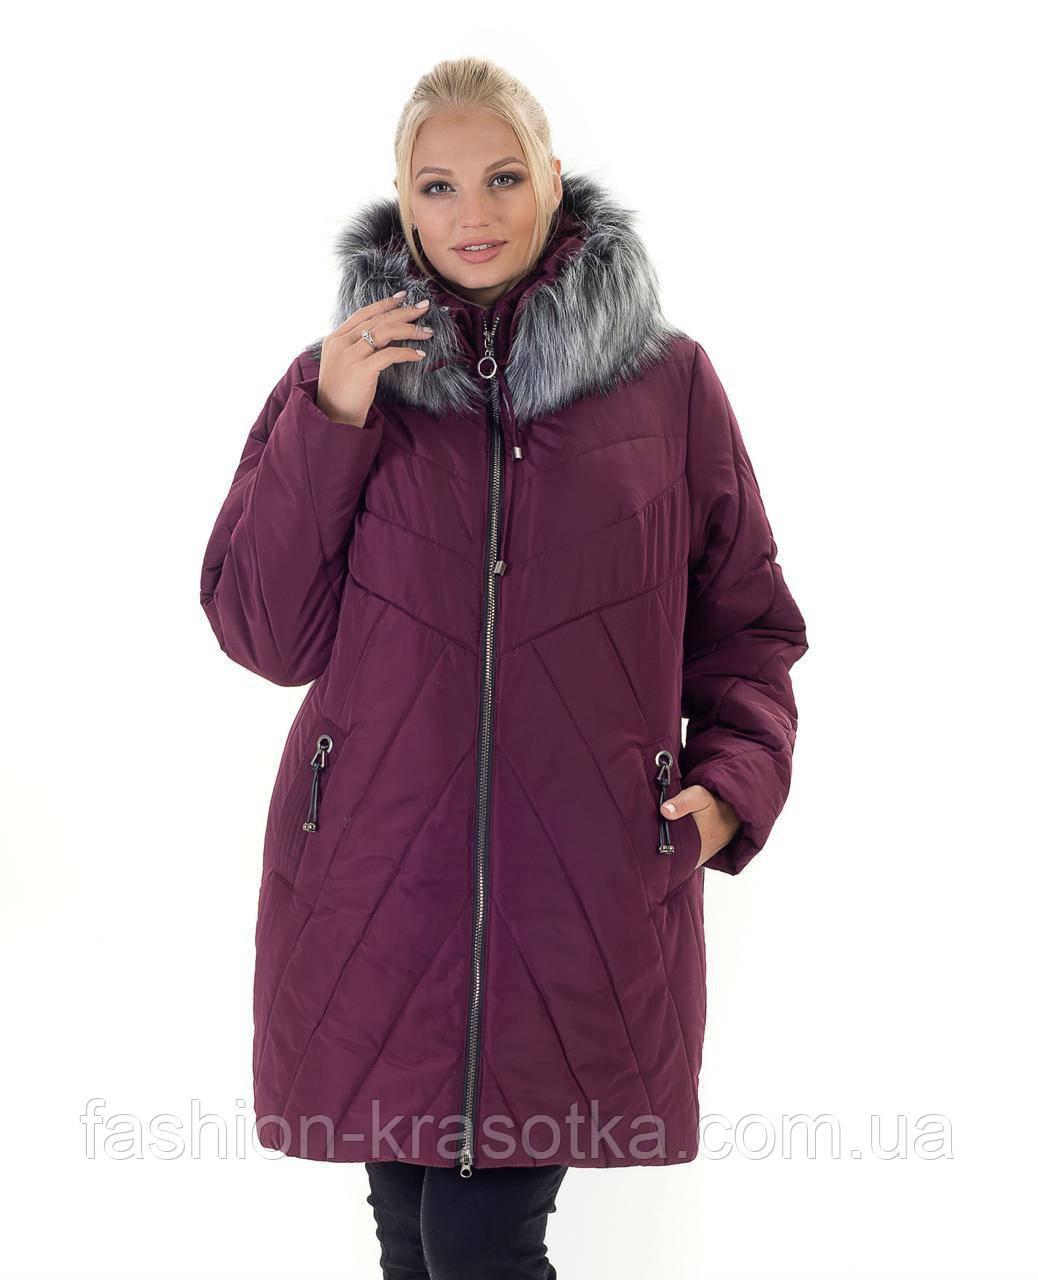 Купить женскую зимнюю куртку с искусственным мехом,размеры:56-70.